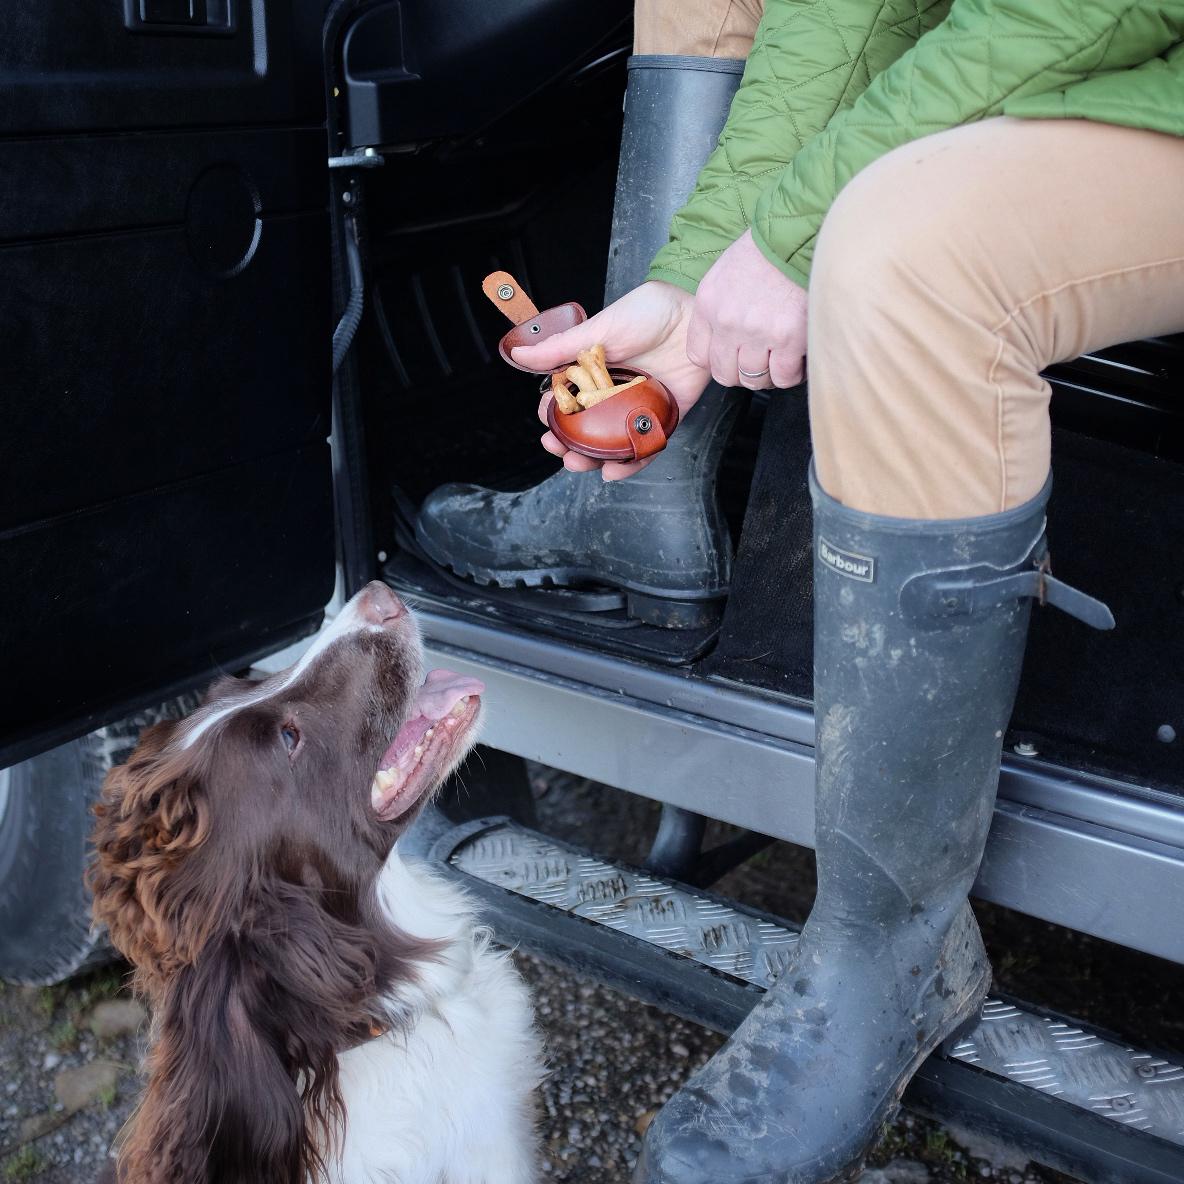 springer-waiting-for-treat-from-dogpod.jpg